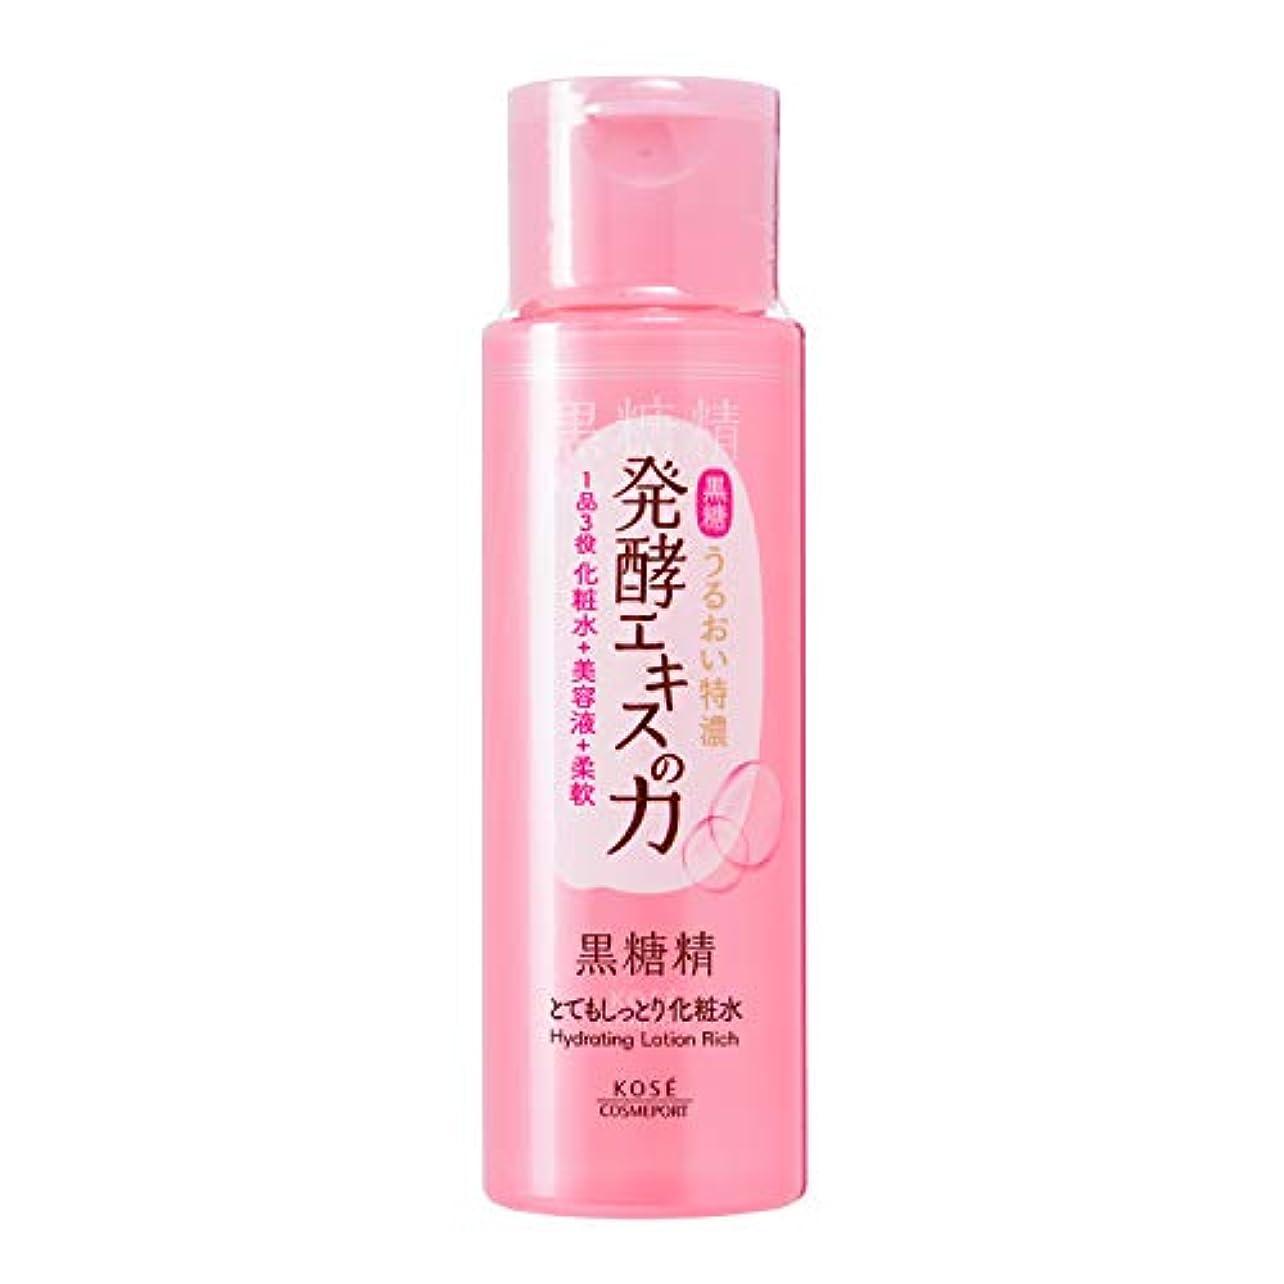 採用ナラーバーバリアKOSE 黒糖精 とてもしっとり化粧水 180mL